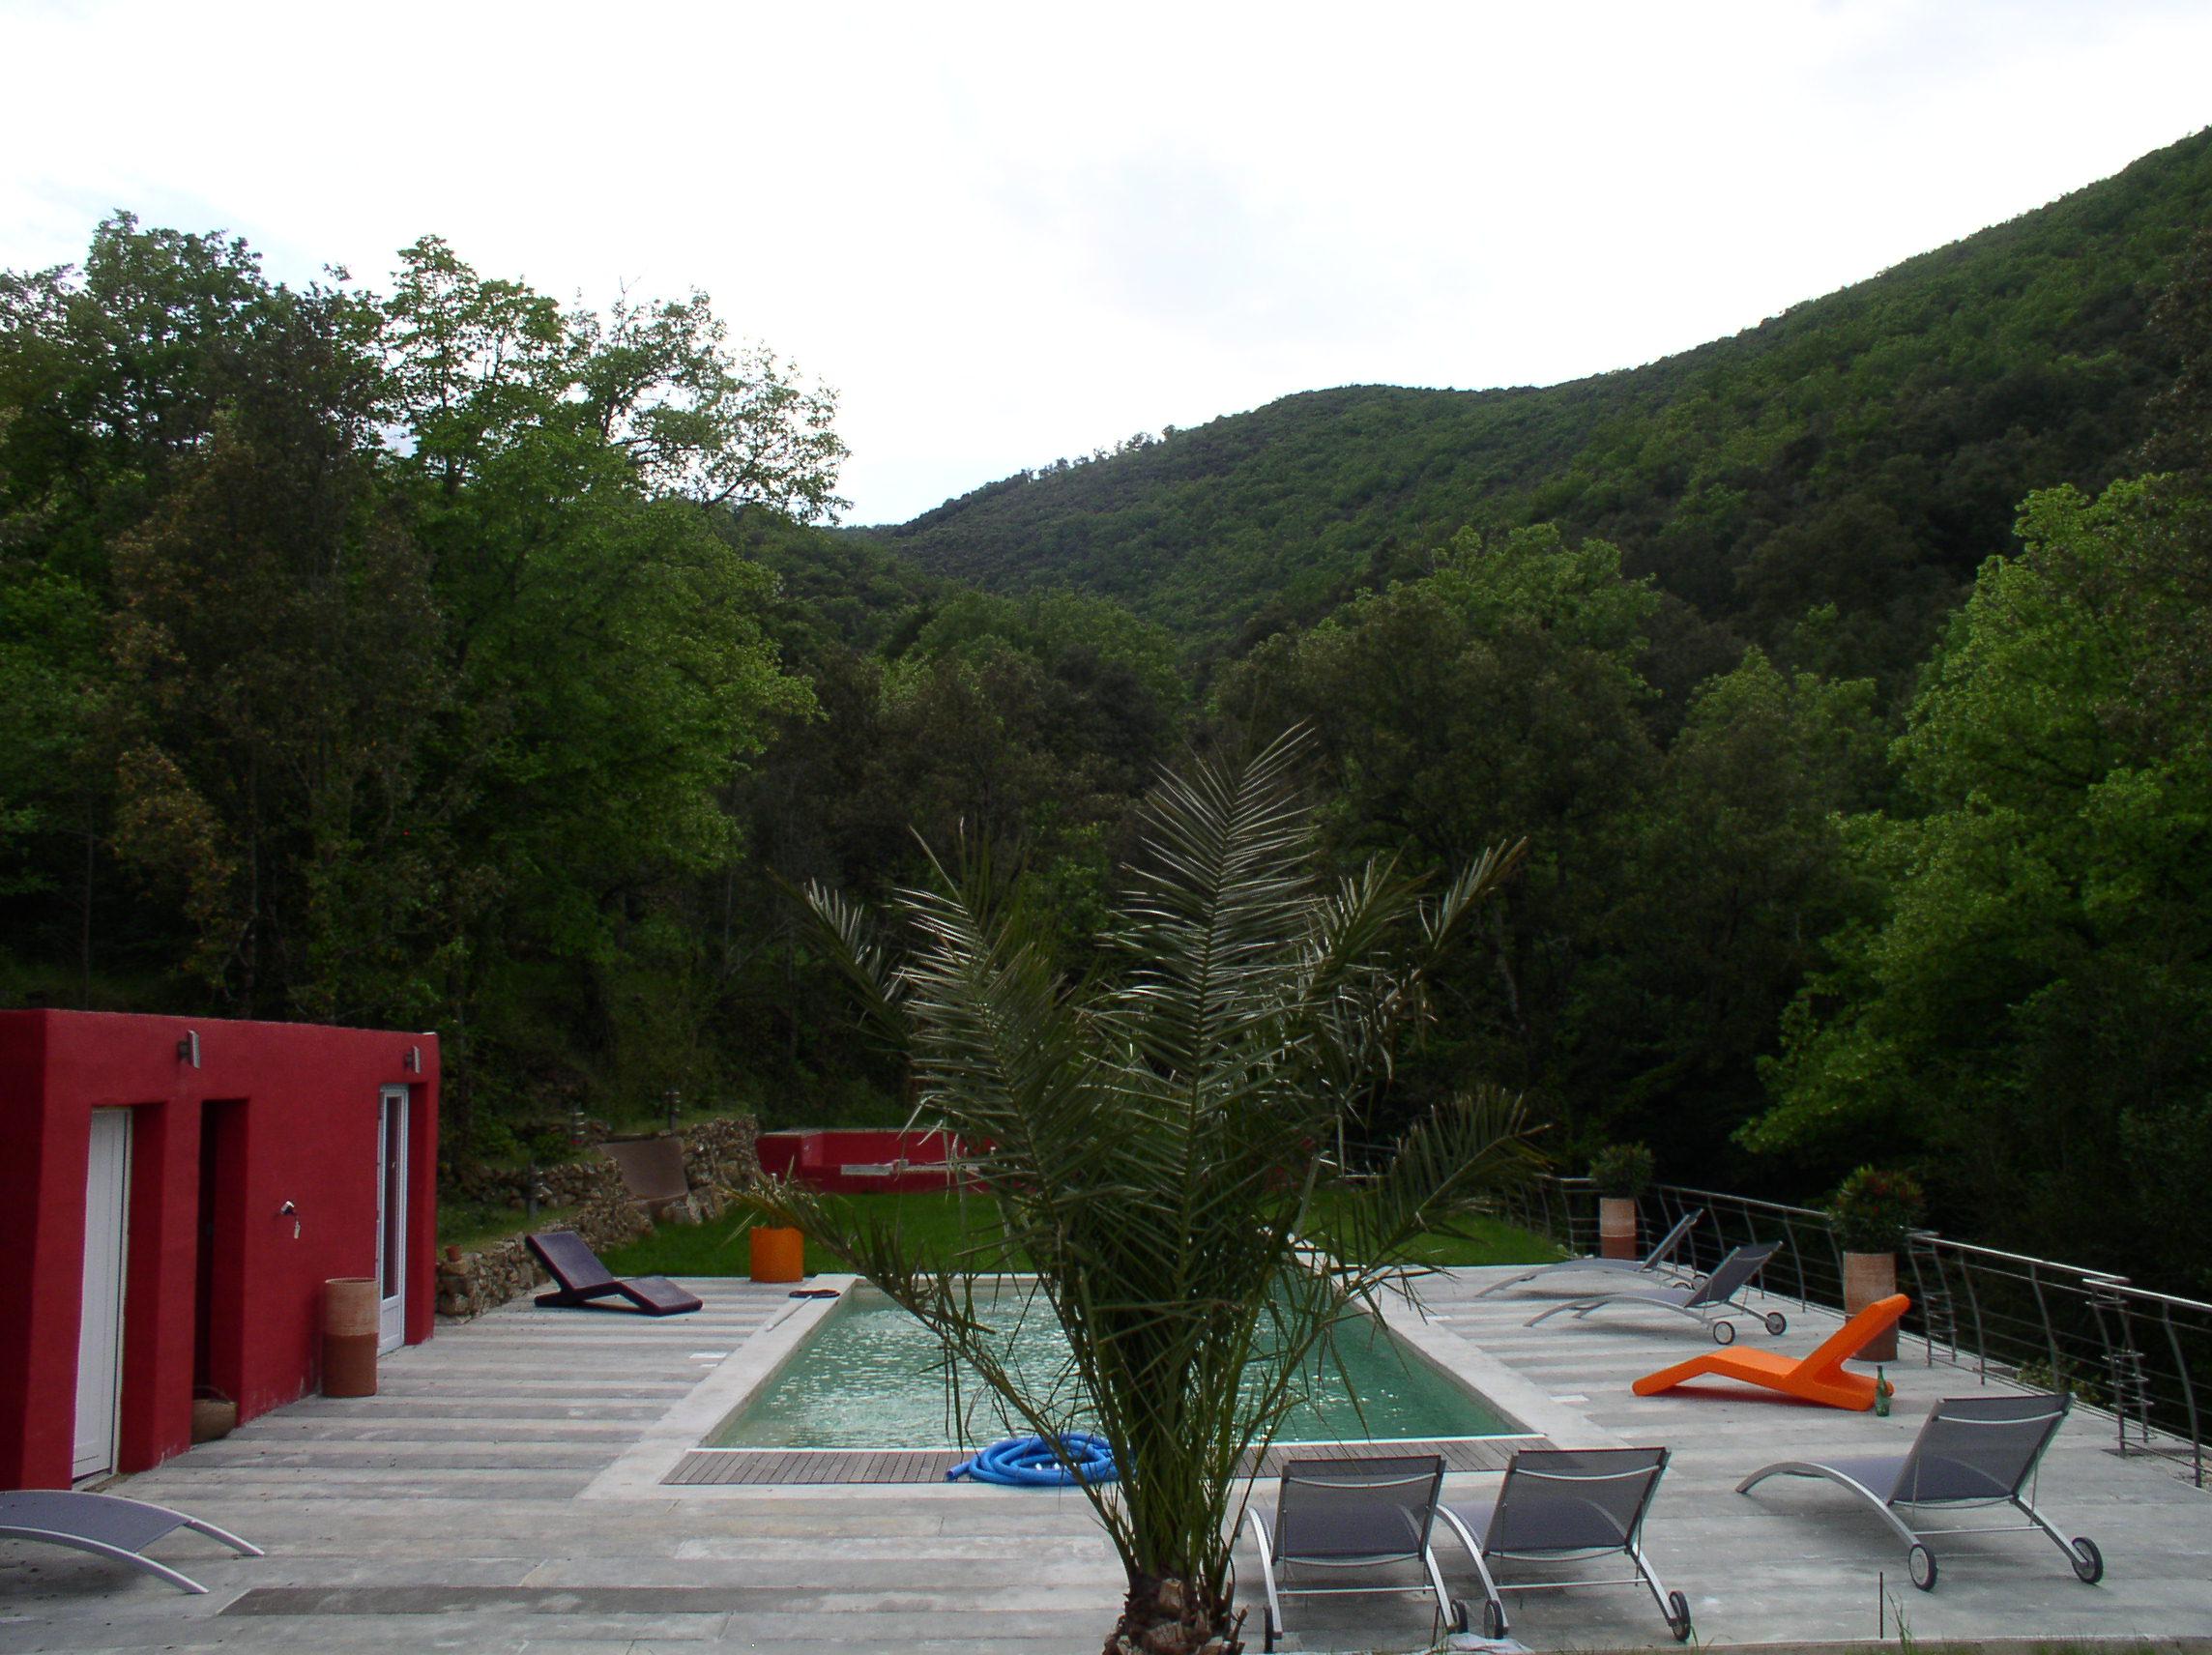 location gite en cevennes mas akwaaba With amazing location dans les cevennes avec piscine 4 location gite en cevennes mas akwaaba